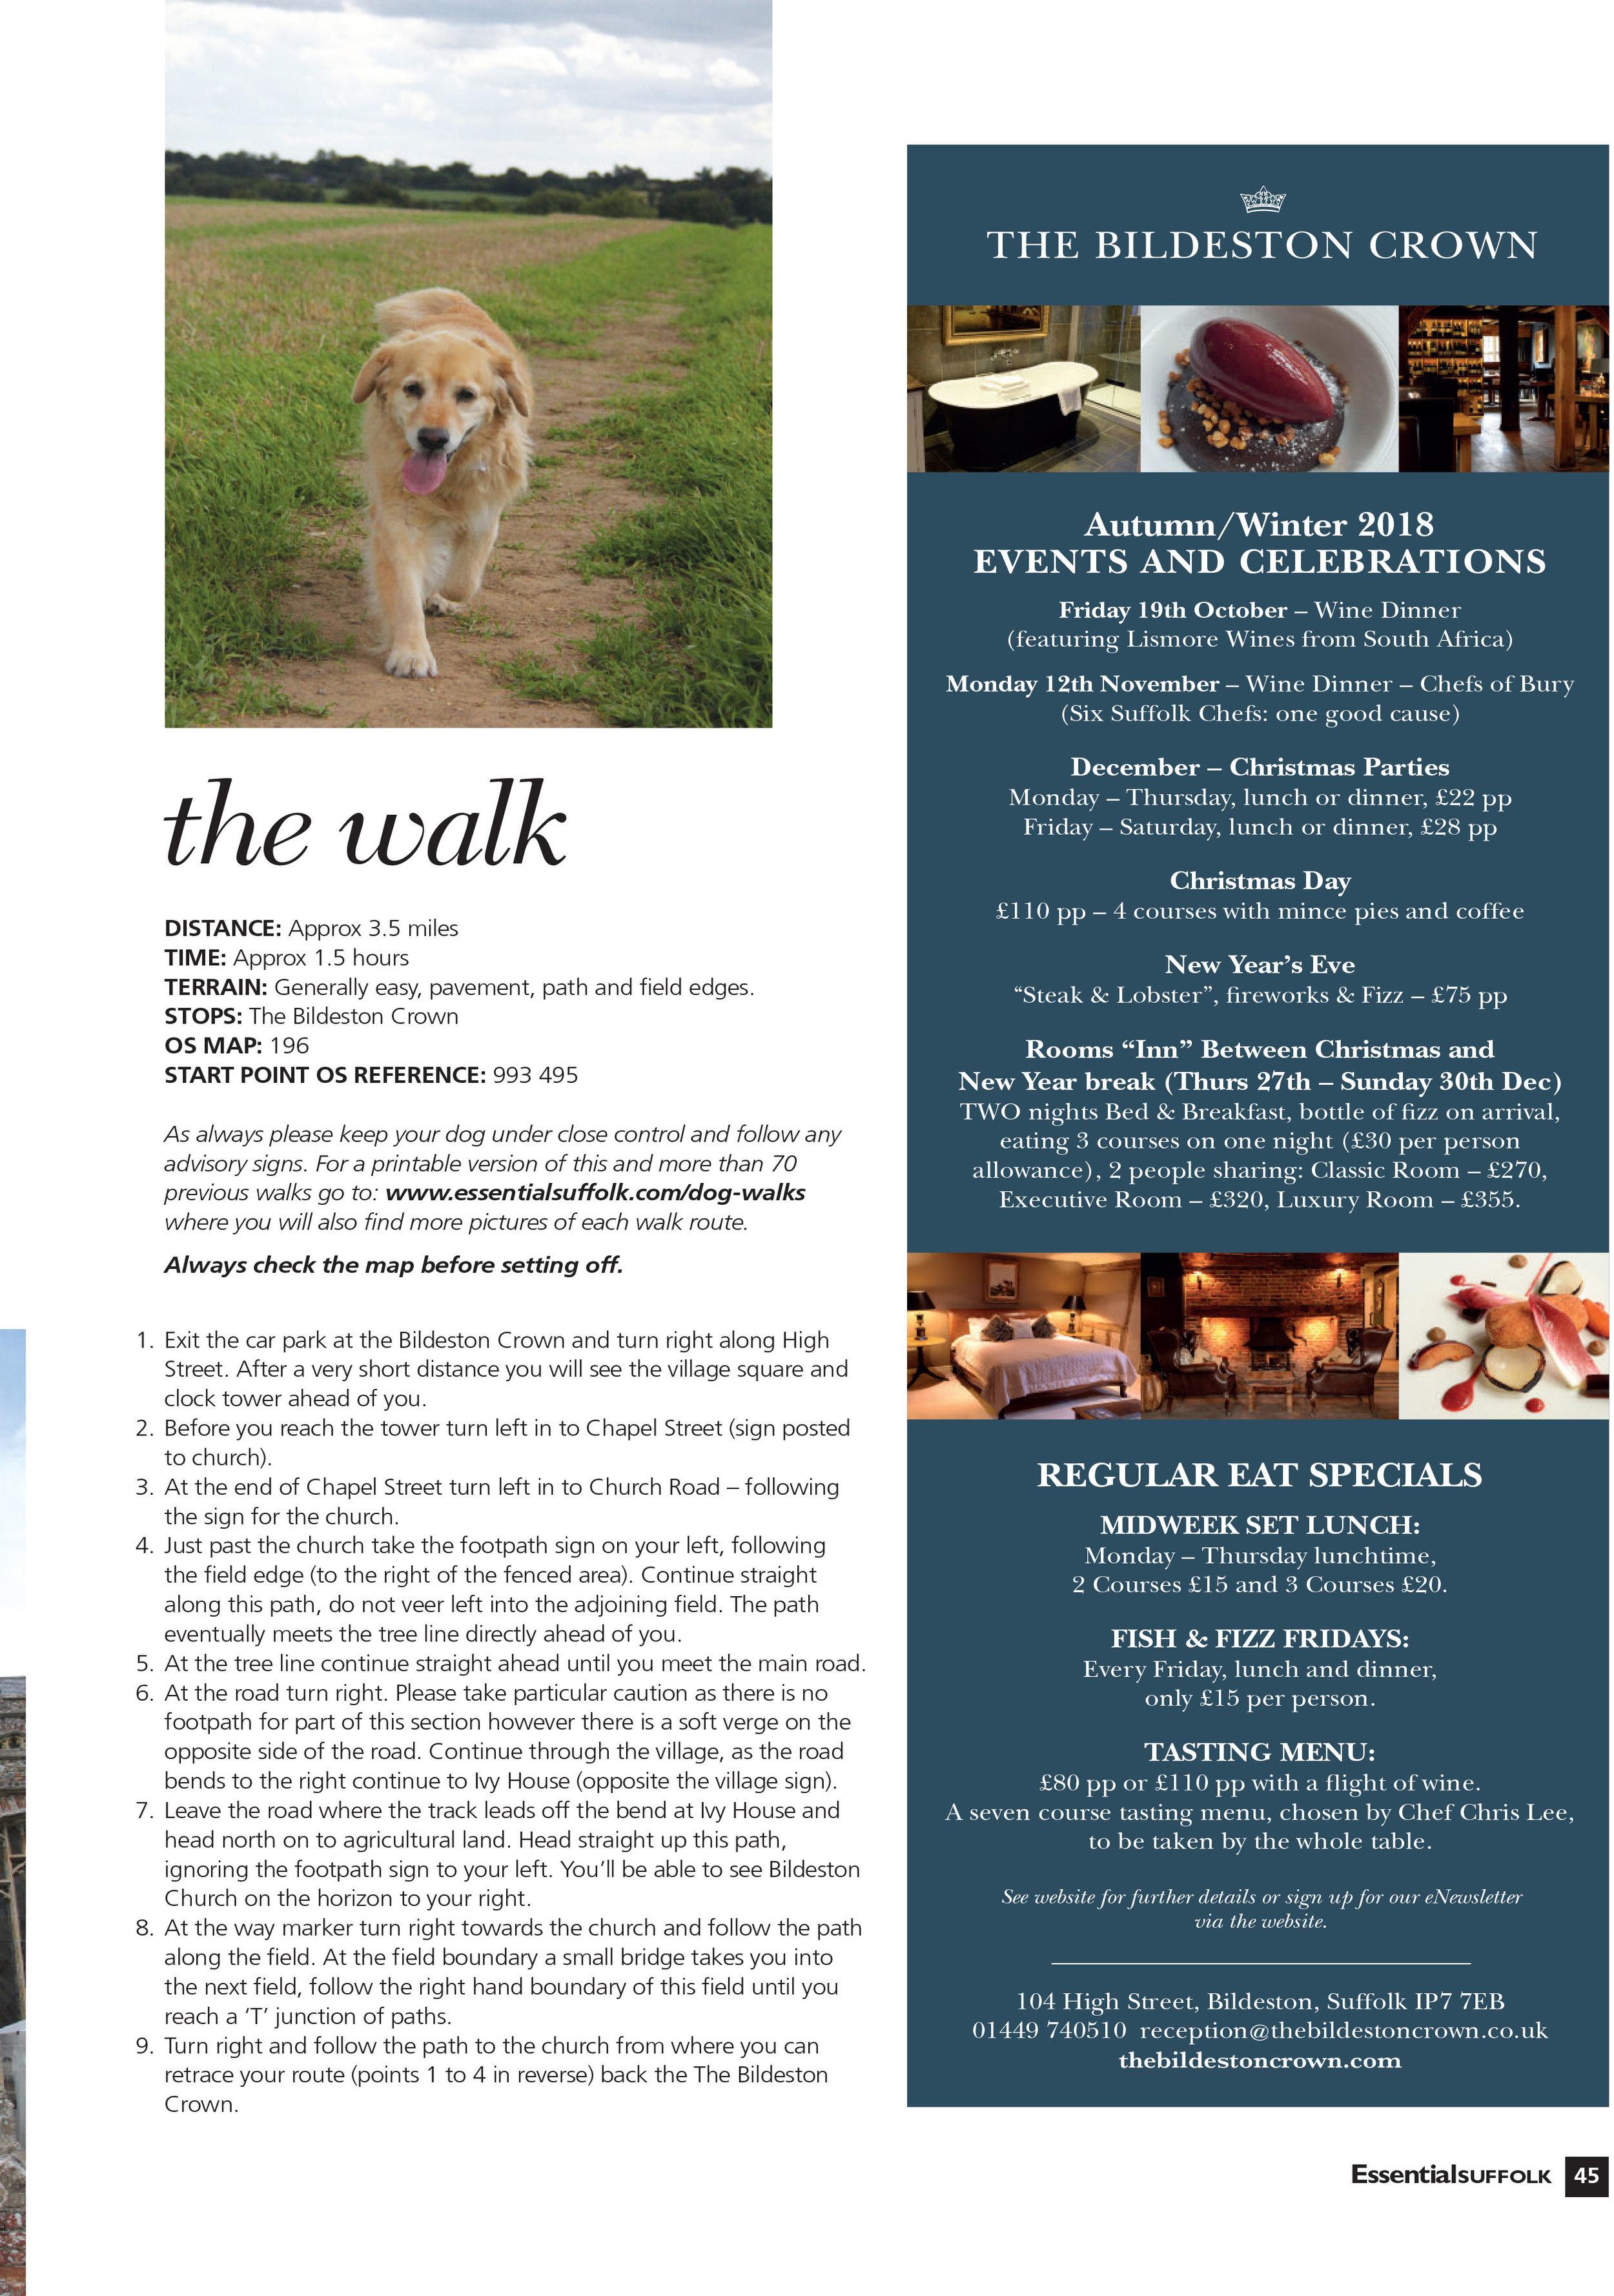 Essential Suffolk Bildeston dog walk route 2 page 2